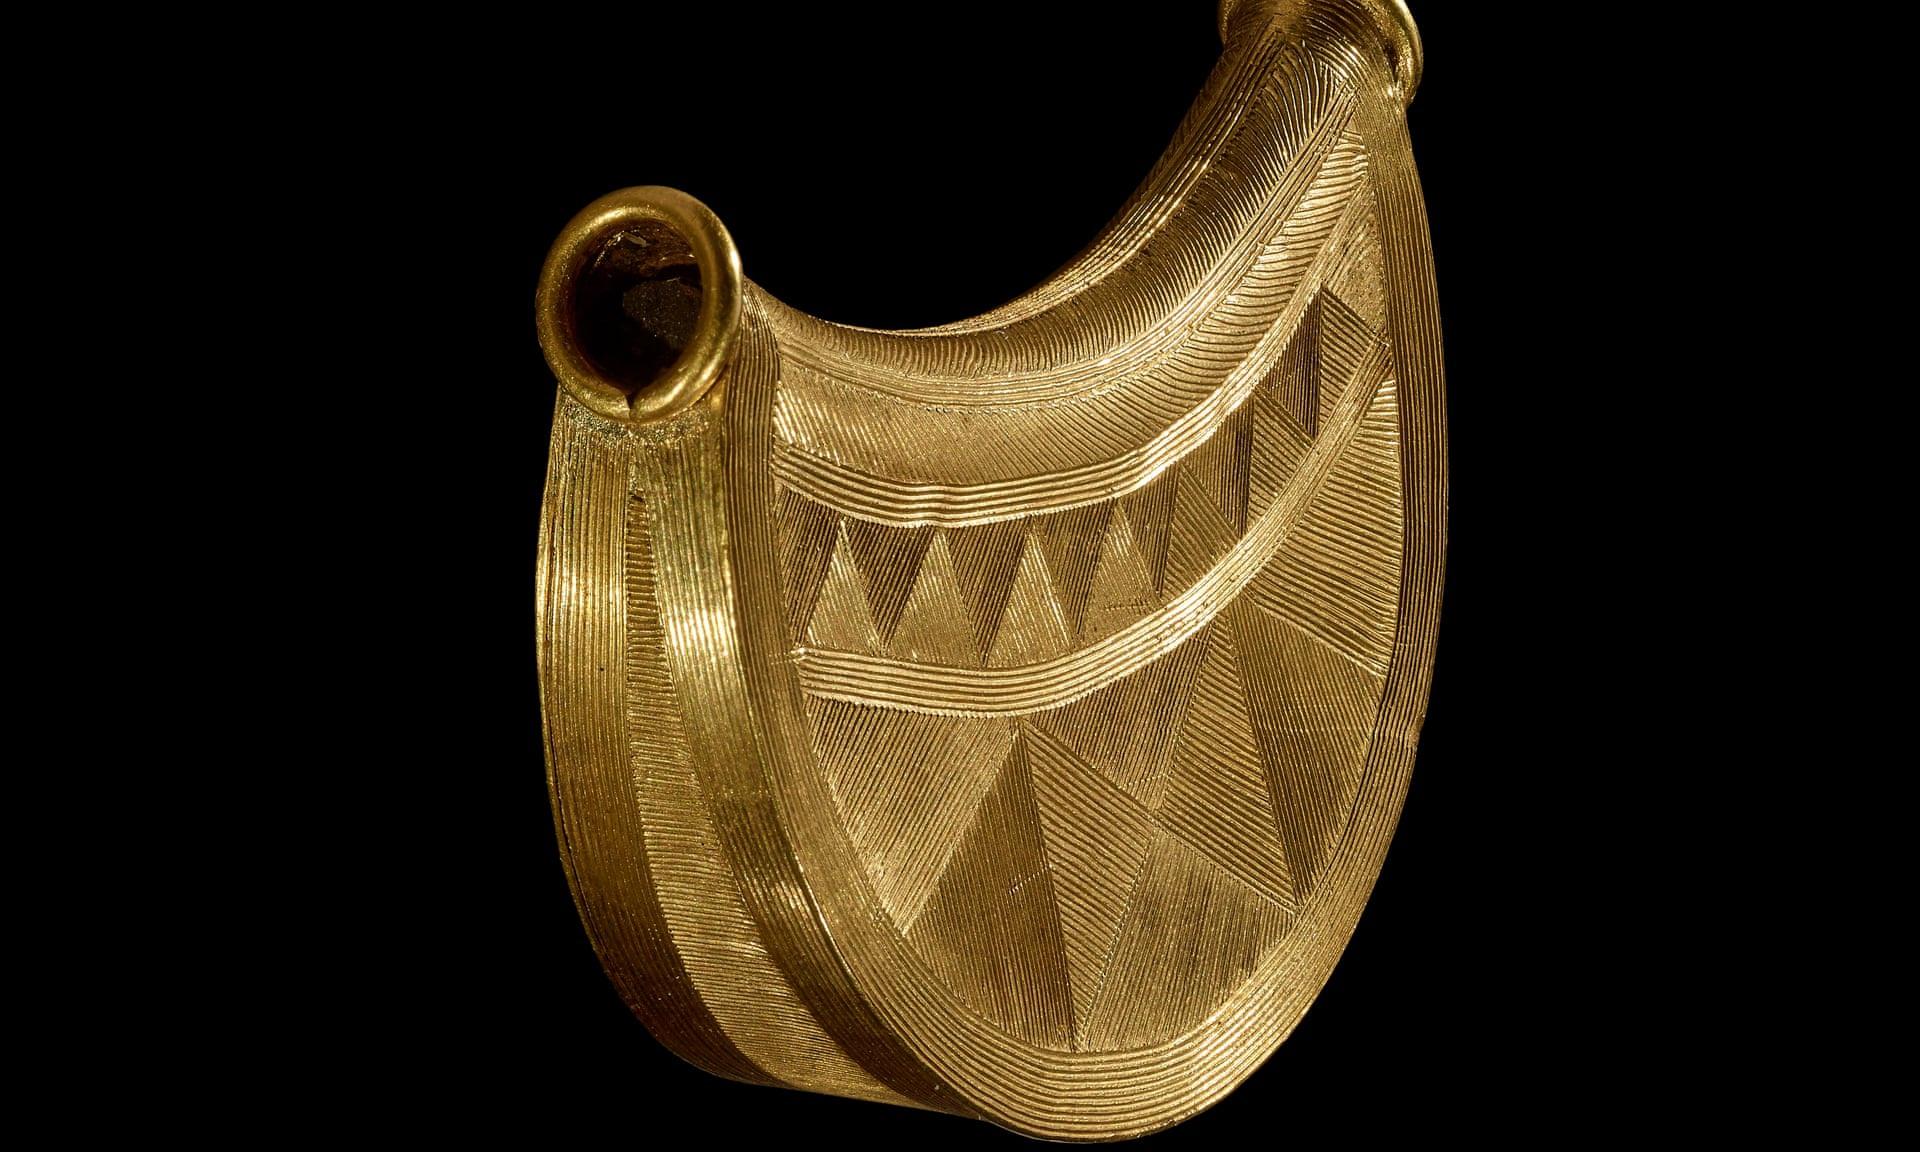 Mặt dây chuyền bằng vàng ròng niên đại 3.000 năm tuổi có giá 7,5 tỷ đồng - 2